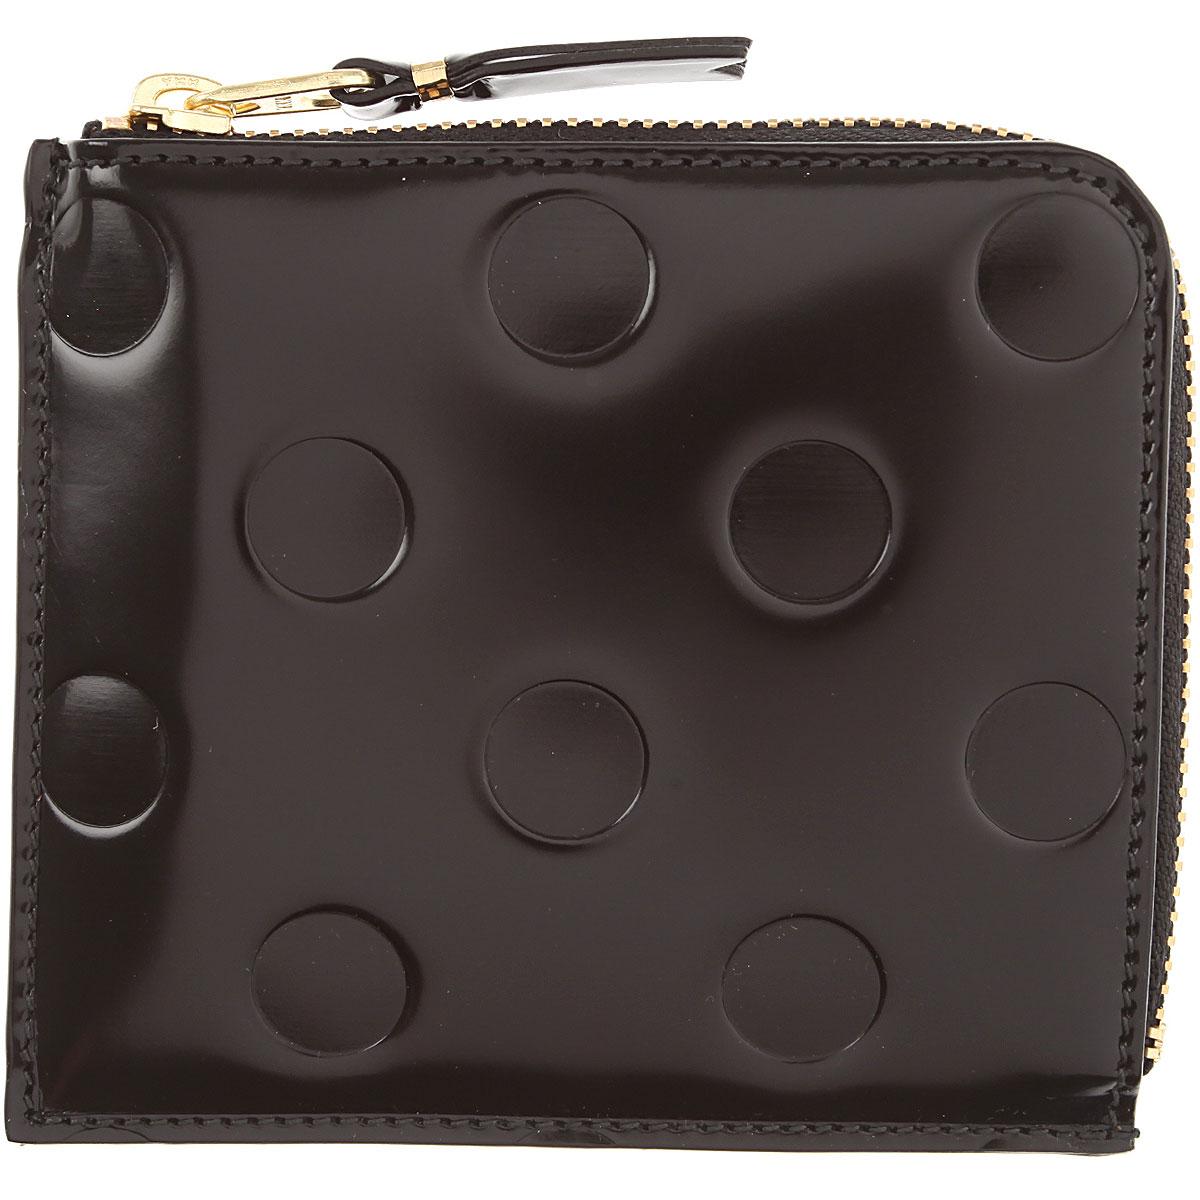 Comme des Garcons Wallet for Men On Sale, Black, Patent, 2019